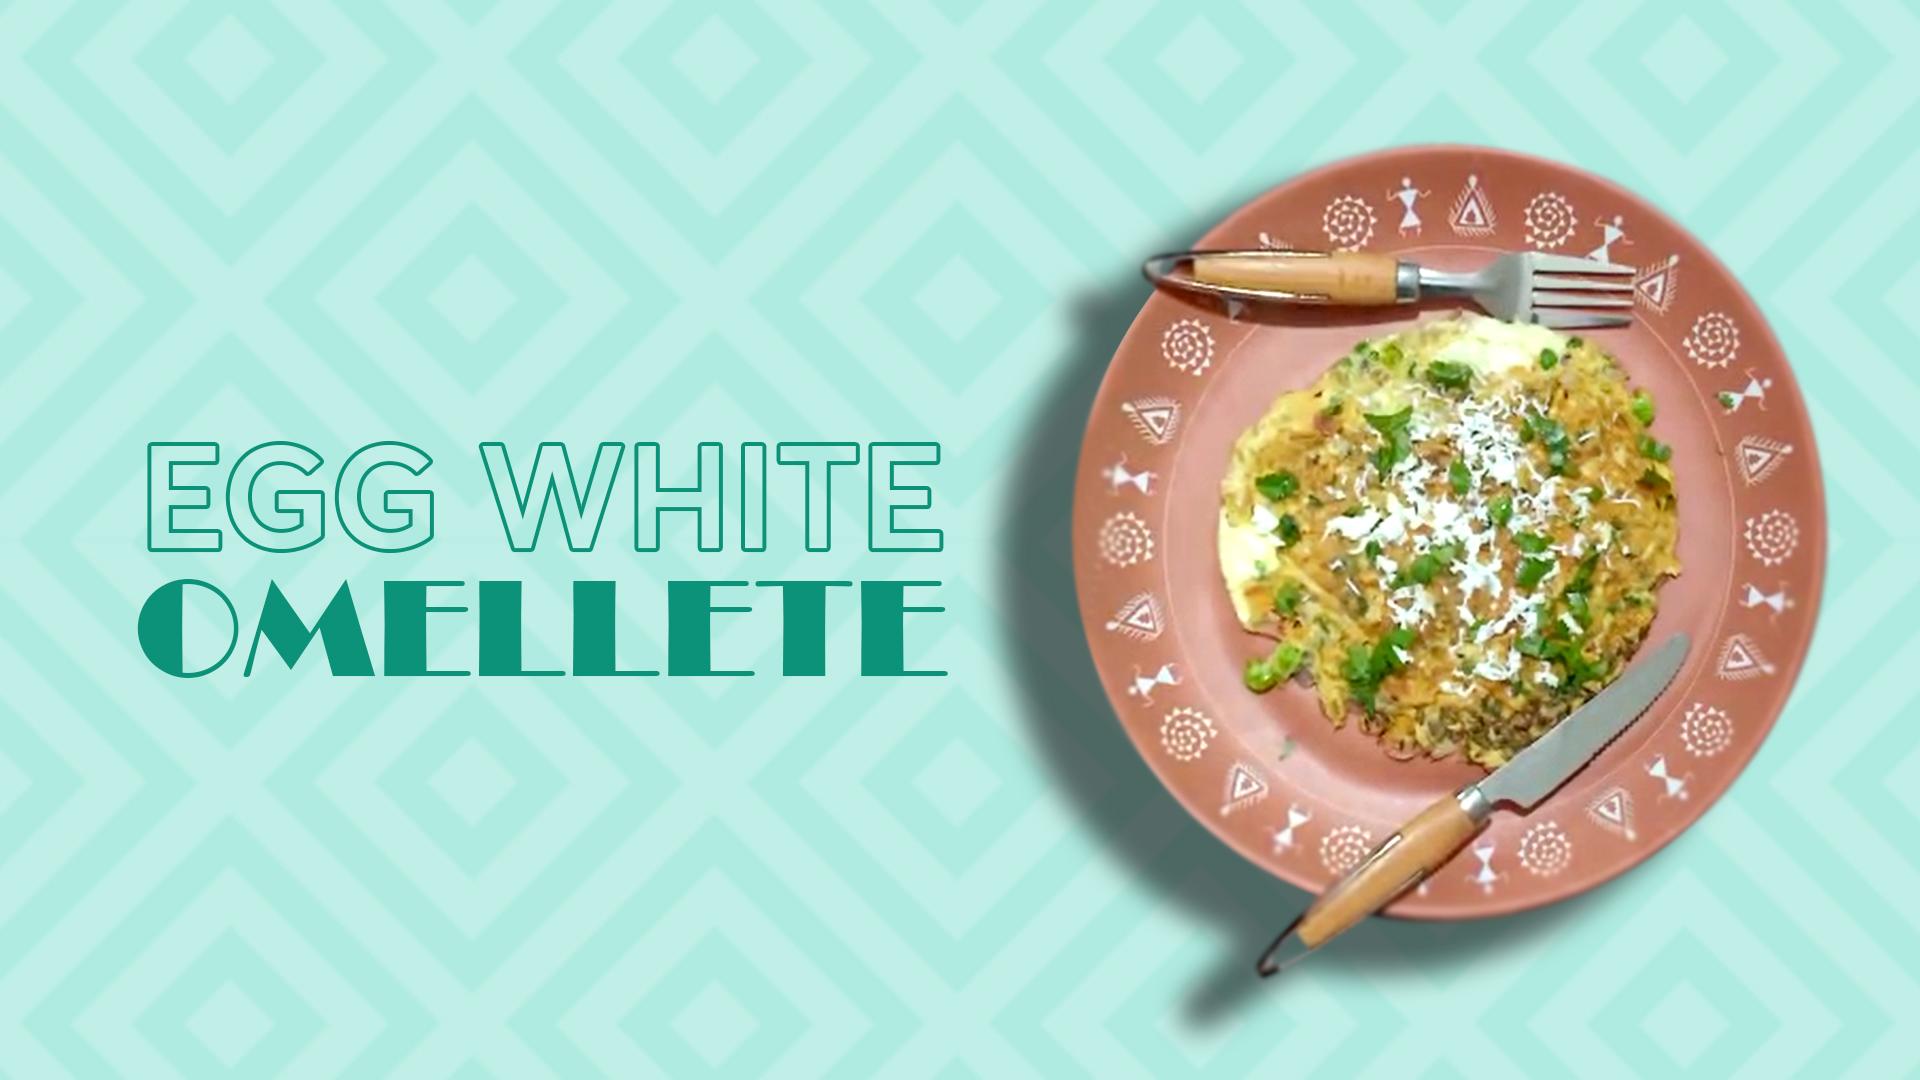 Egg White Omlete